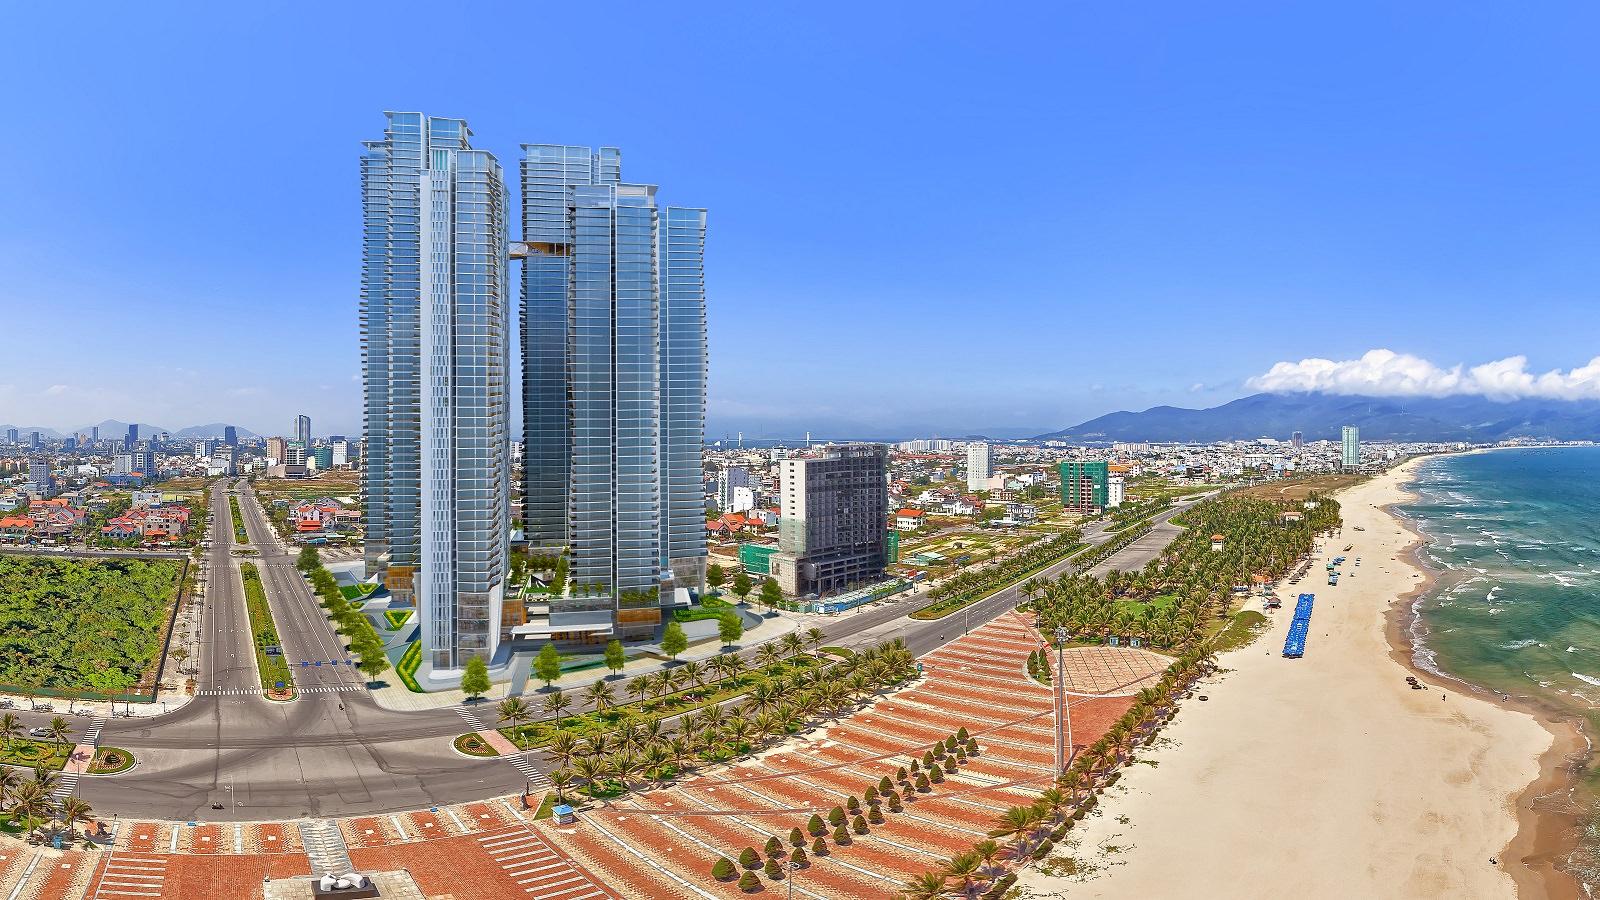 Bất động sản nghỉ dưỡng như khách sạn, condotel ở Đà Nẵng ế ẩm trước đợt dịch Covid-19 mới.